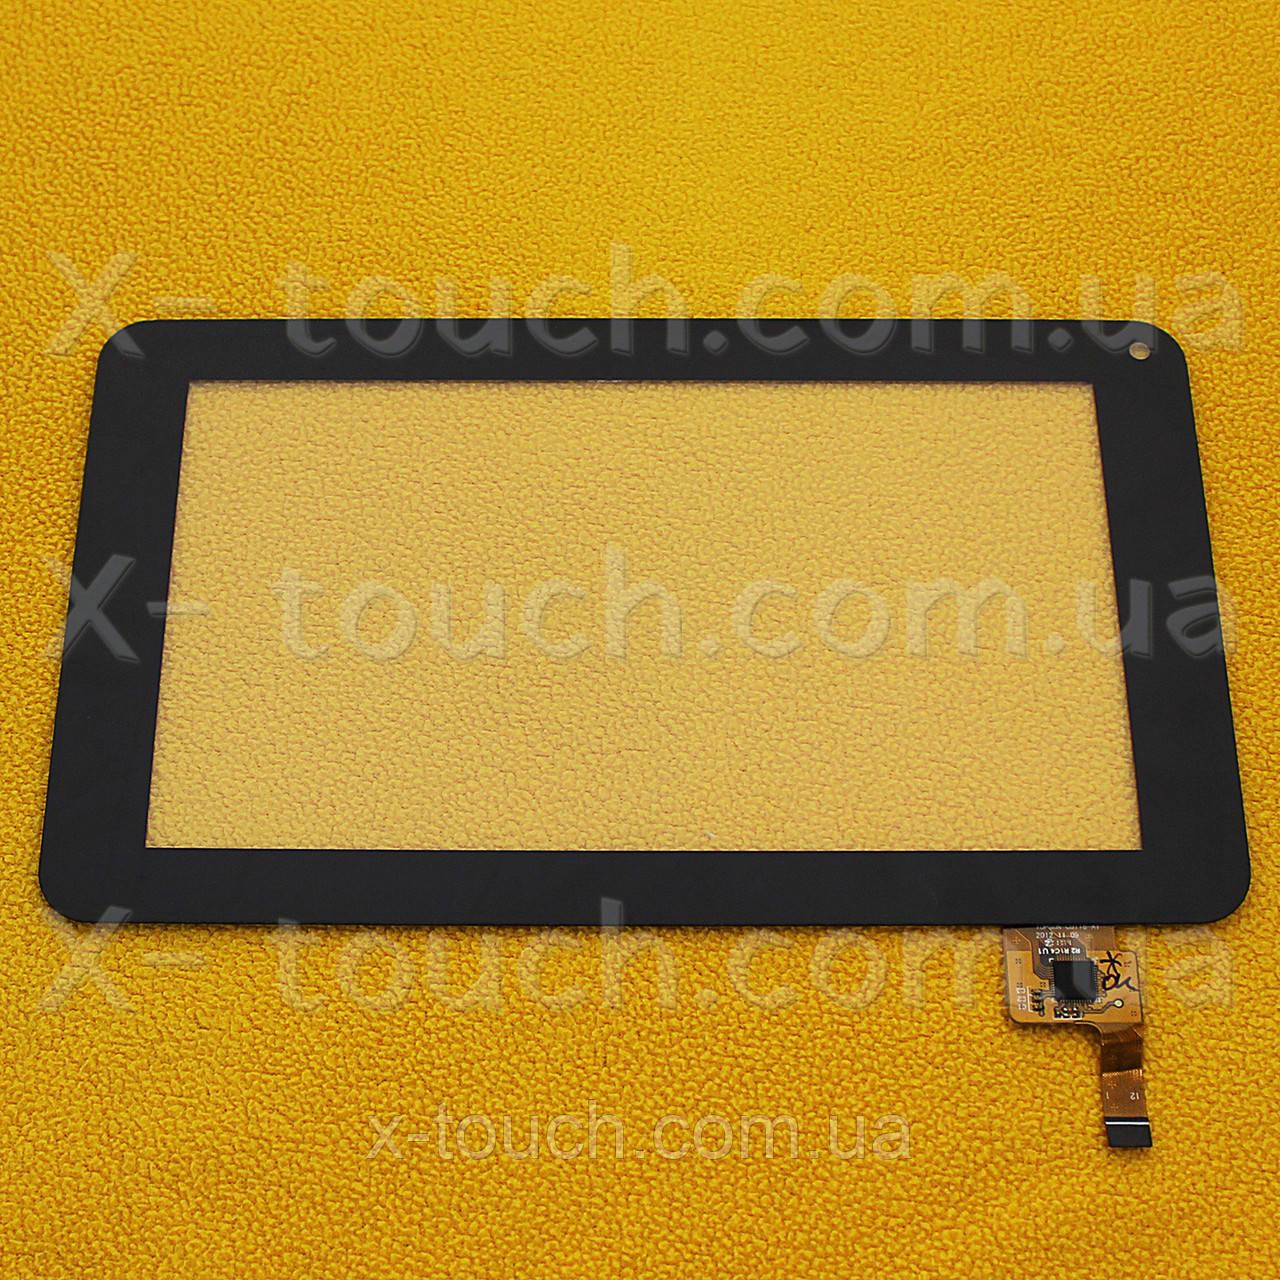 Тачскрин, сенсор Prestigio Multipad 3570C для планшета